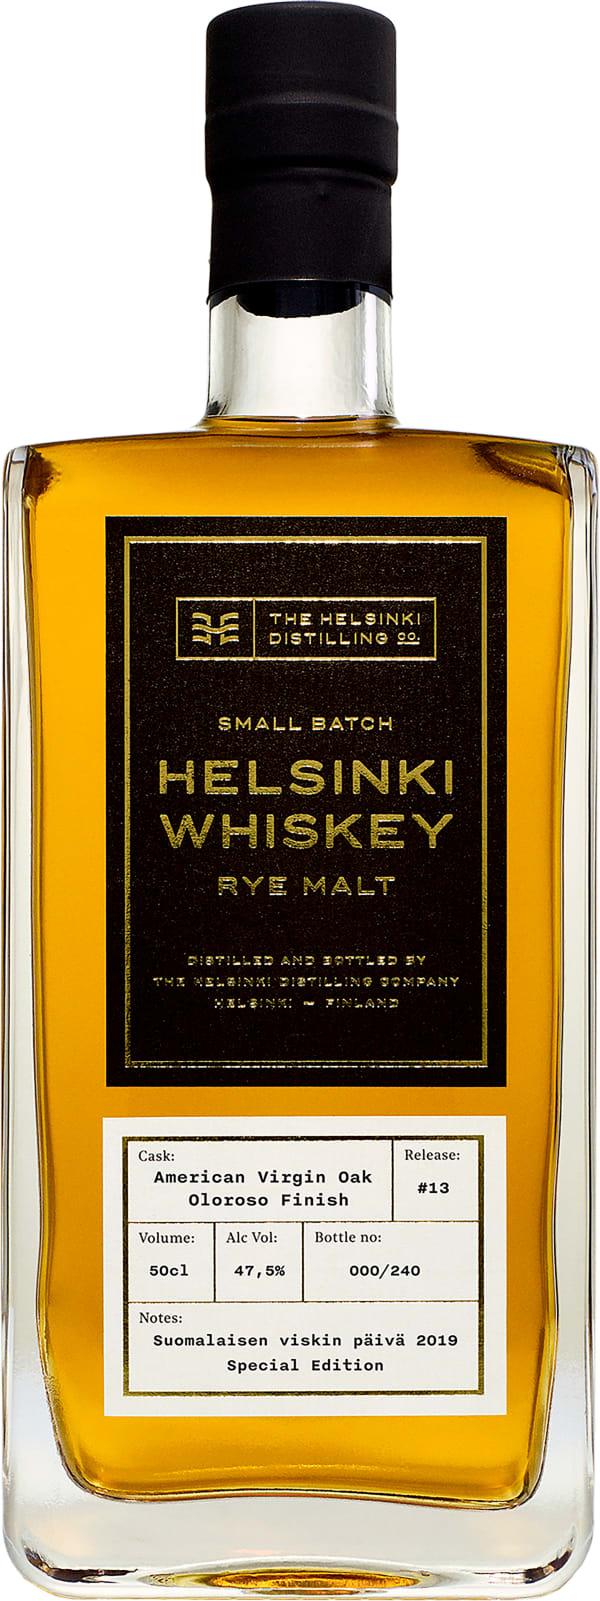 Helsinki Whiskey Release #13 Oloroso Finish Rye Malt